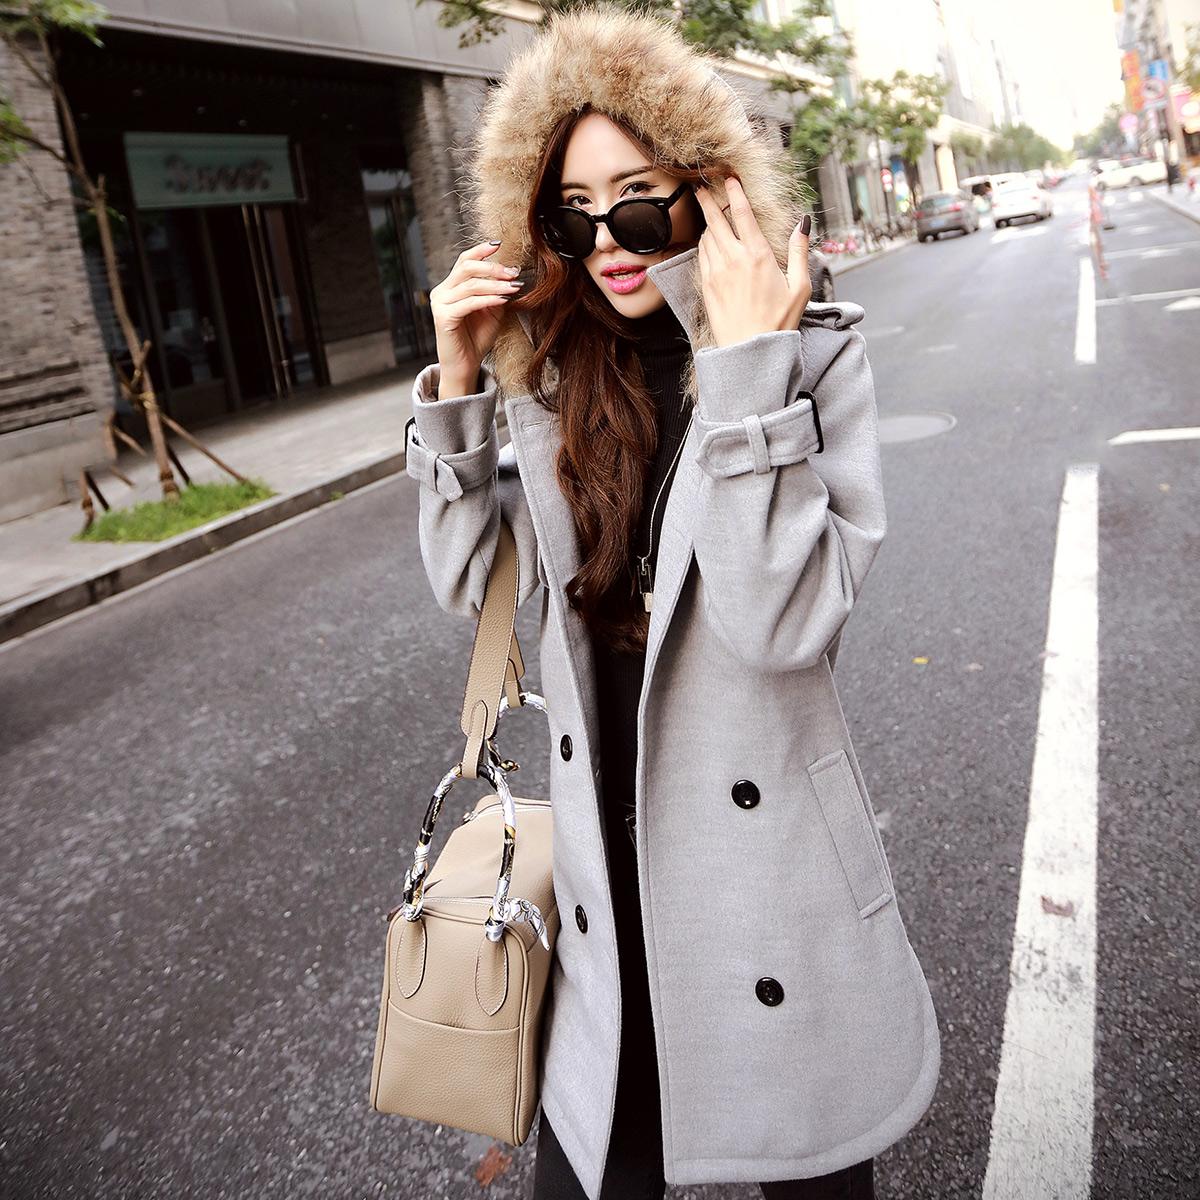 无心法师金泰妍米露黄美英同款衣玖芭衫女装外套新款中长款专柜